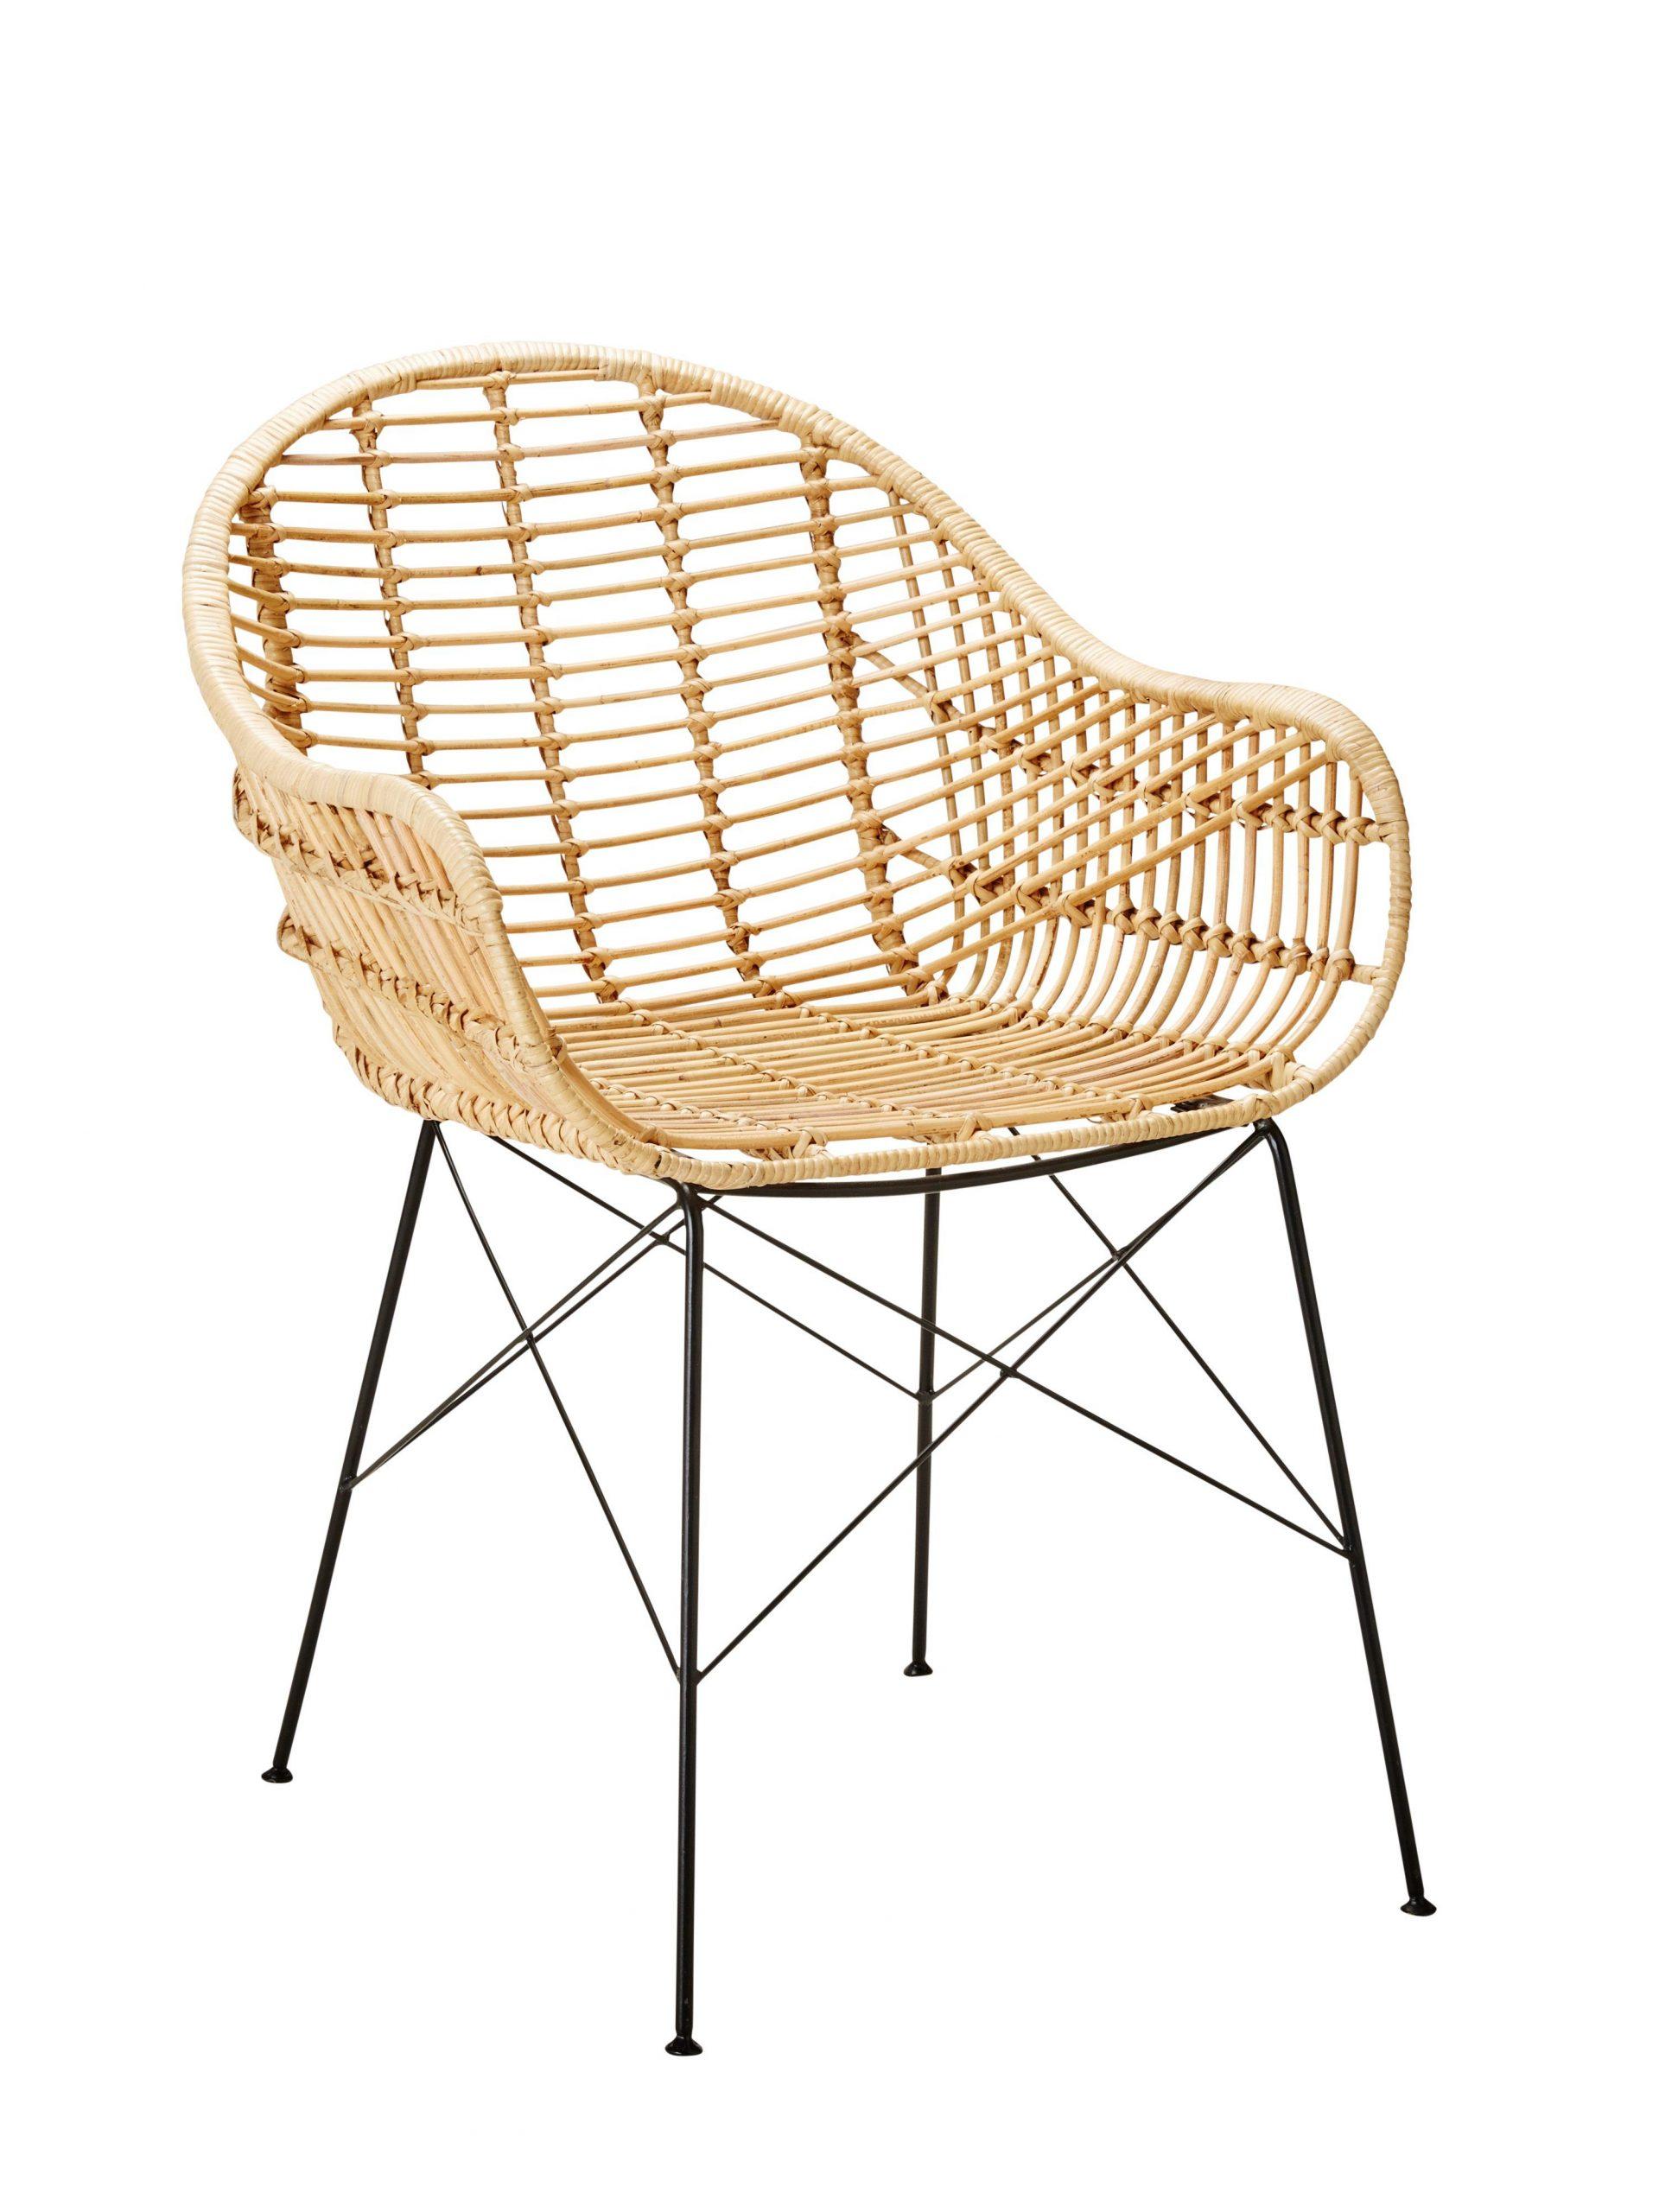 Décoration D'Été : Aménagez Pour Terrasse/Balcon Avec La ... pour Chaises Rotin But